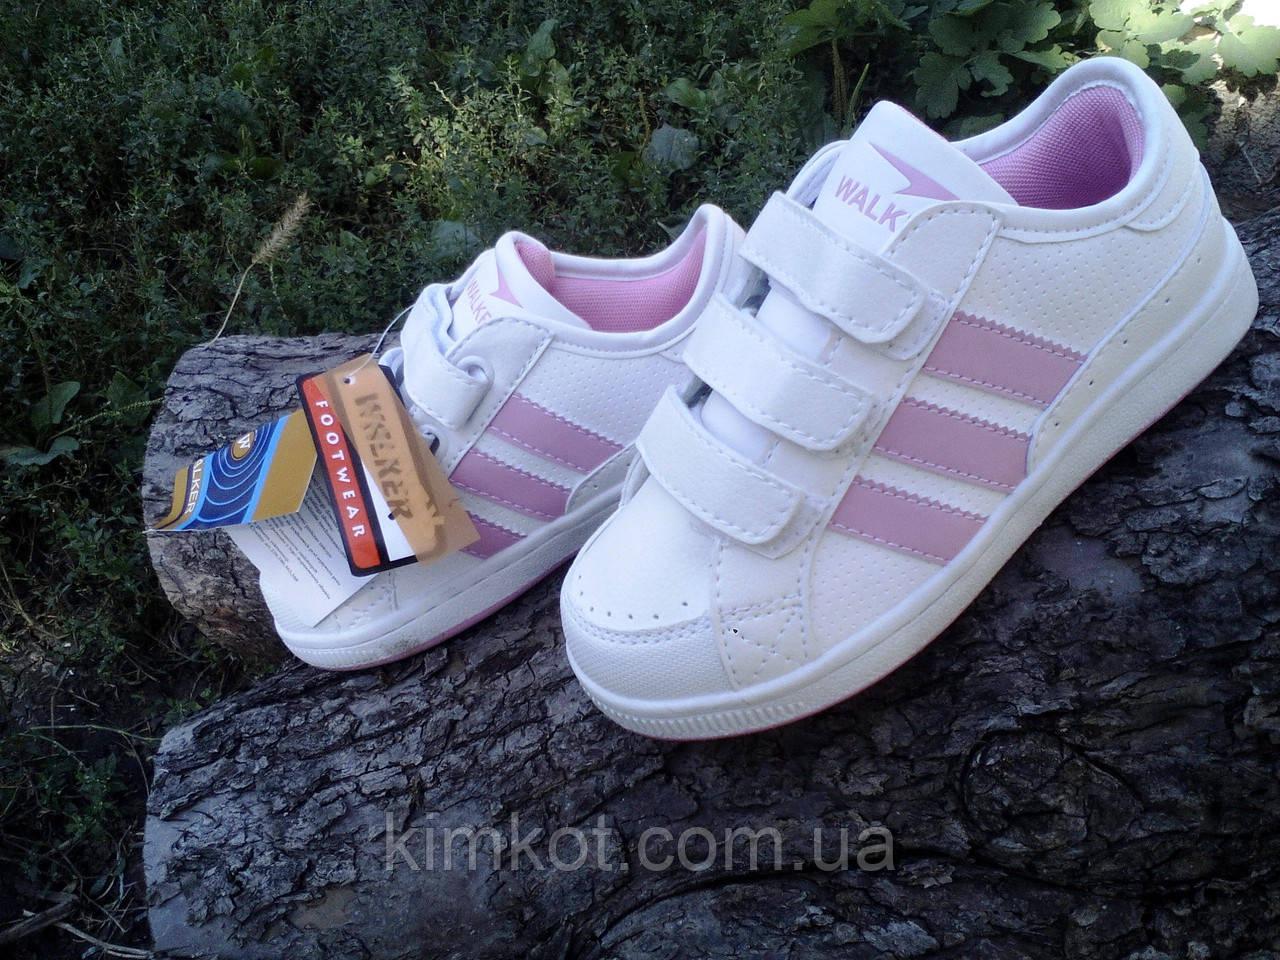 75ae004c Детские белые кроссовки для девочки Walker с 31 по 36 размер -  Интернет-Магазин